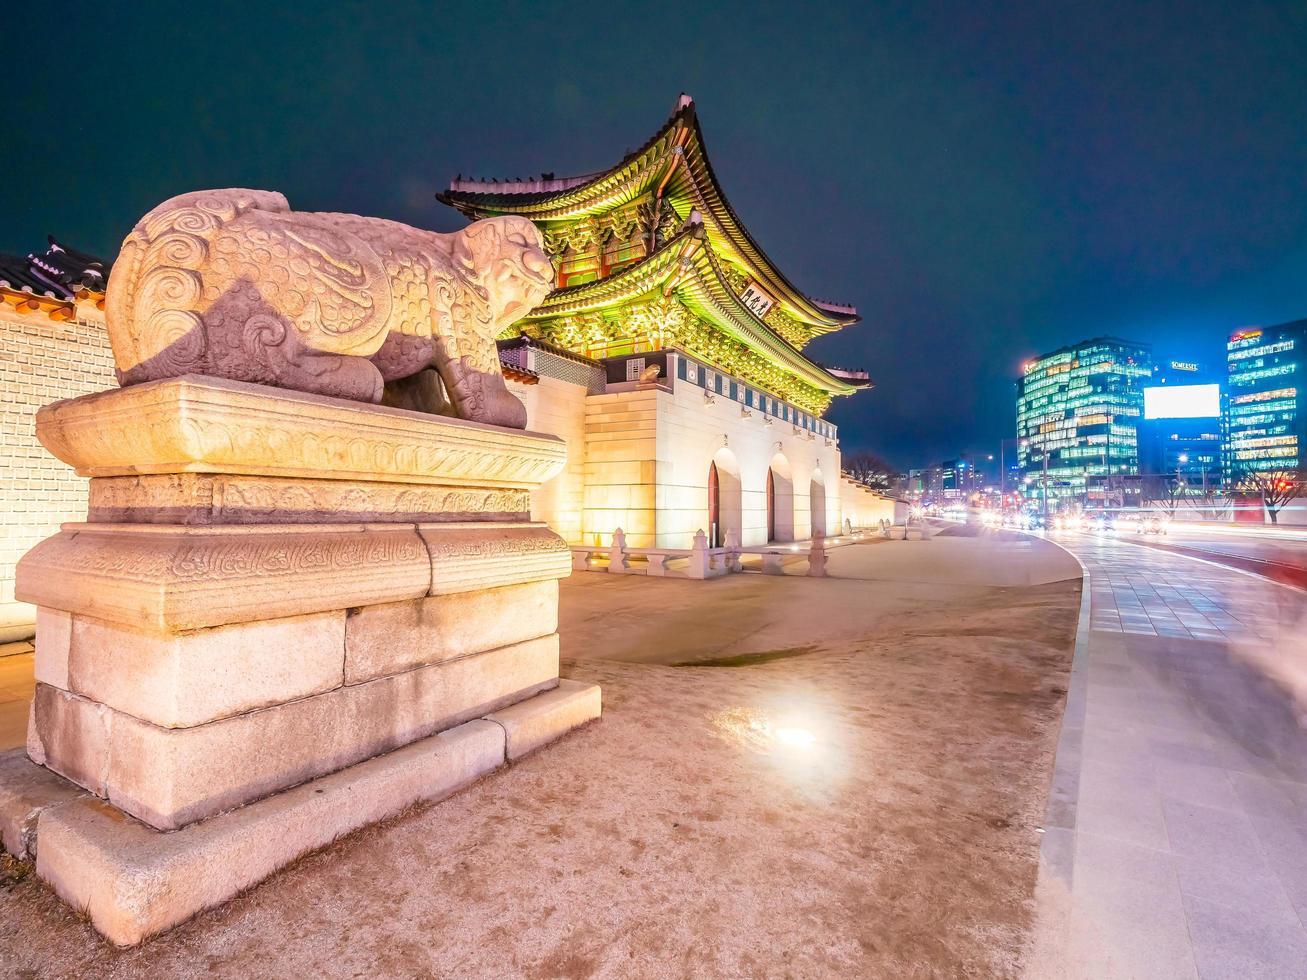 palácio gyeongbokgung, cidade de seoul na coréia do sul foto